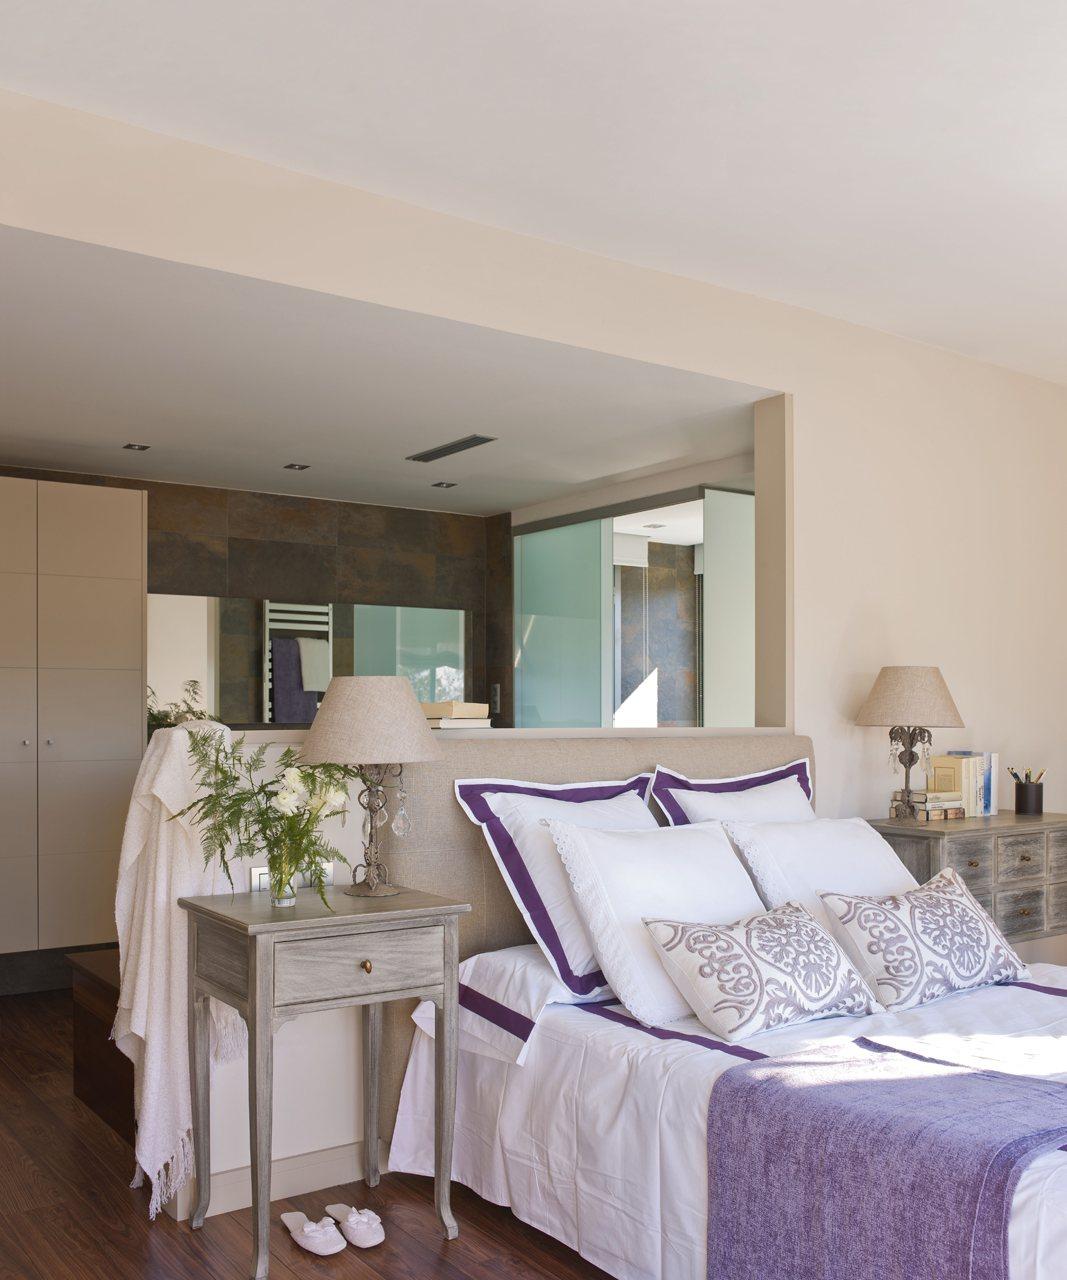 Dormitorio Y Baño ~ Un baño abierto y muy luminoso tras el cabecero